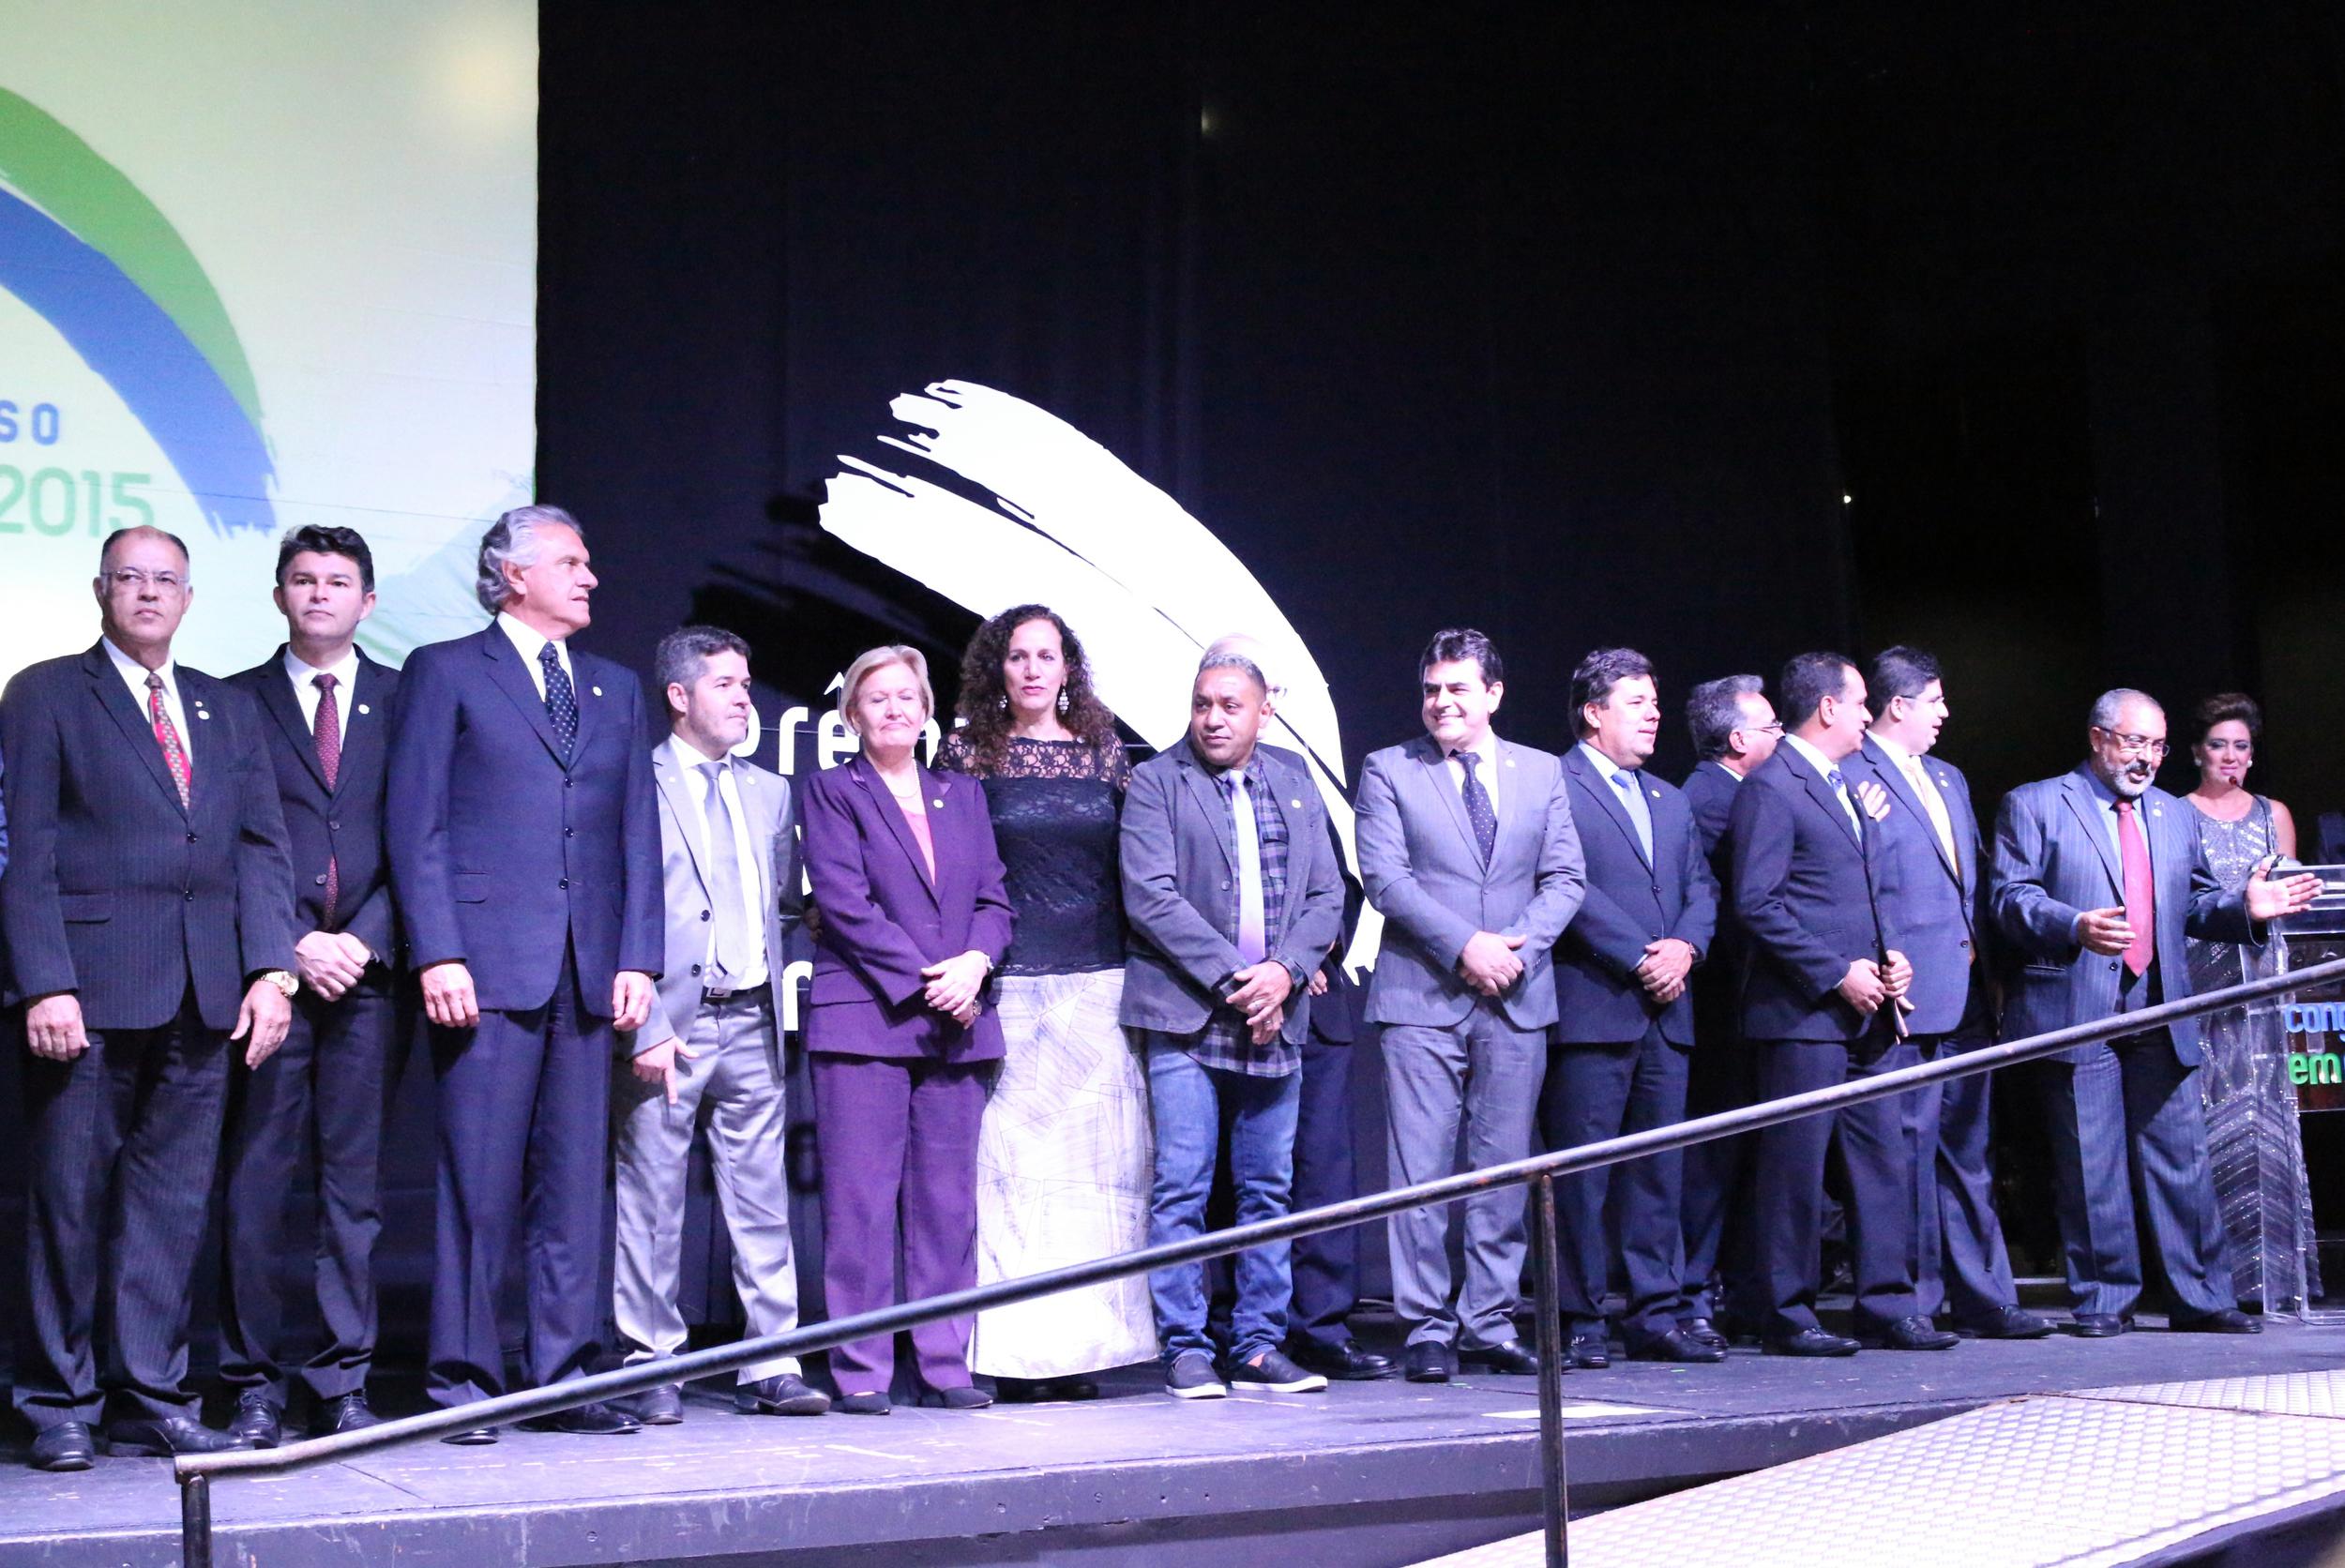 Os parlamentares receberam votos do público na internet e de jornalistas especializados